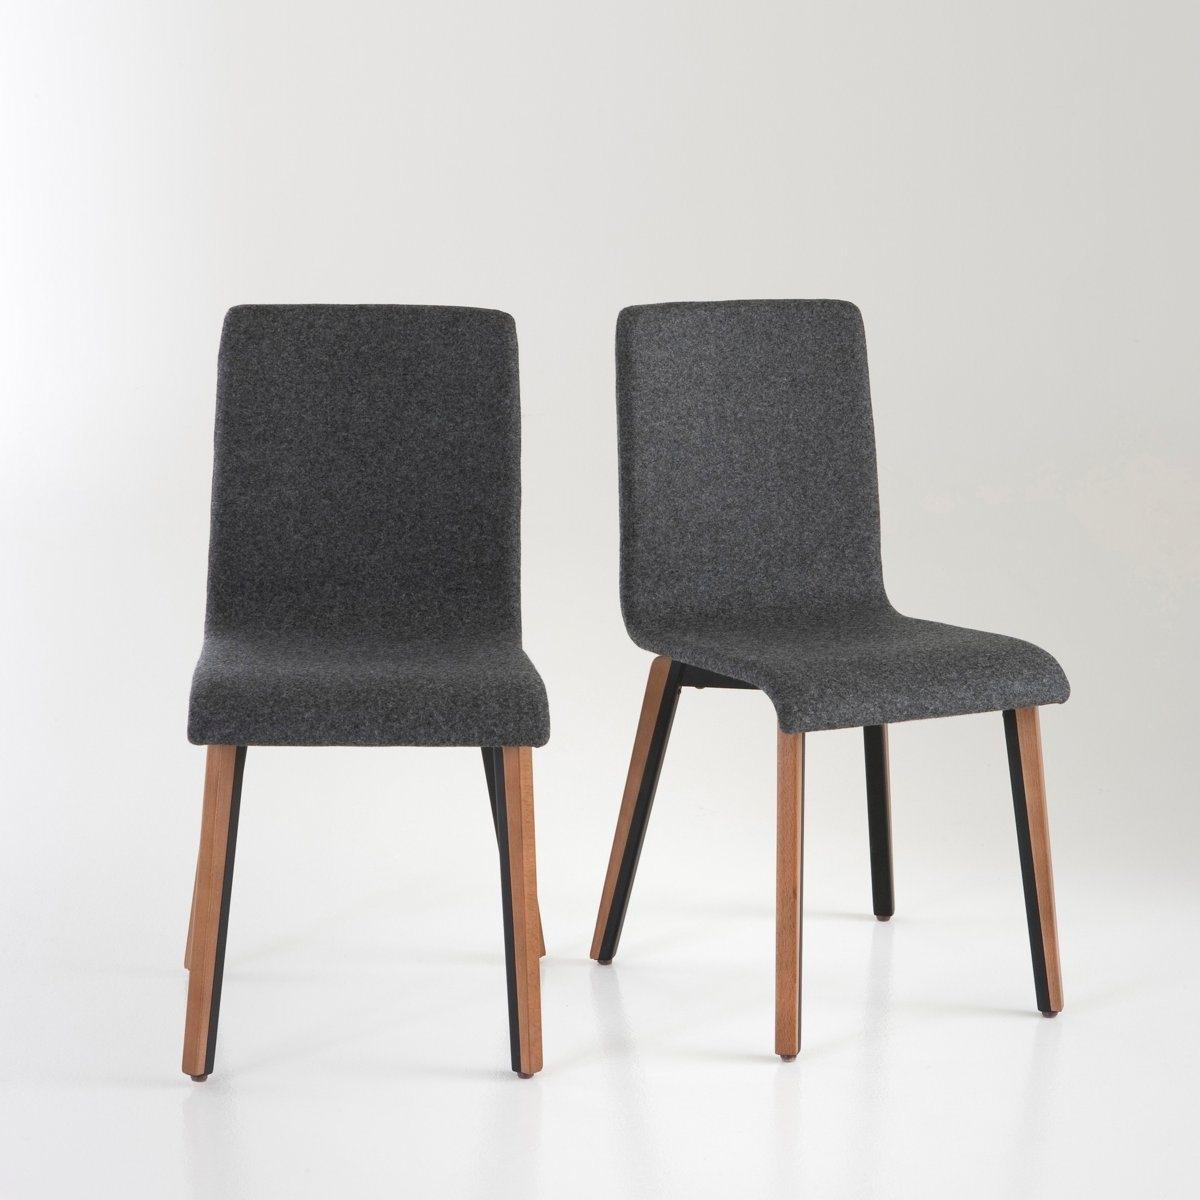 2 стула с войлочной обивкой Joan joan yu 3d 044